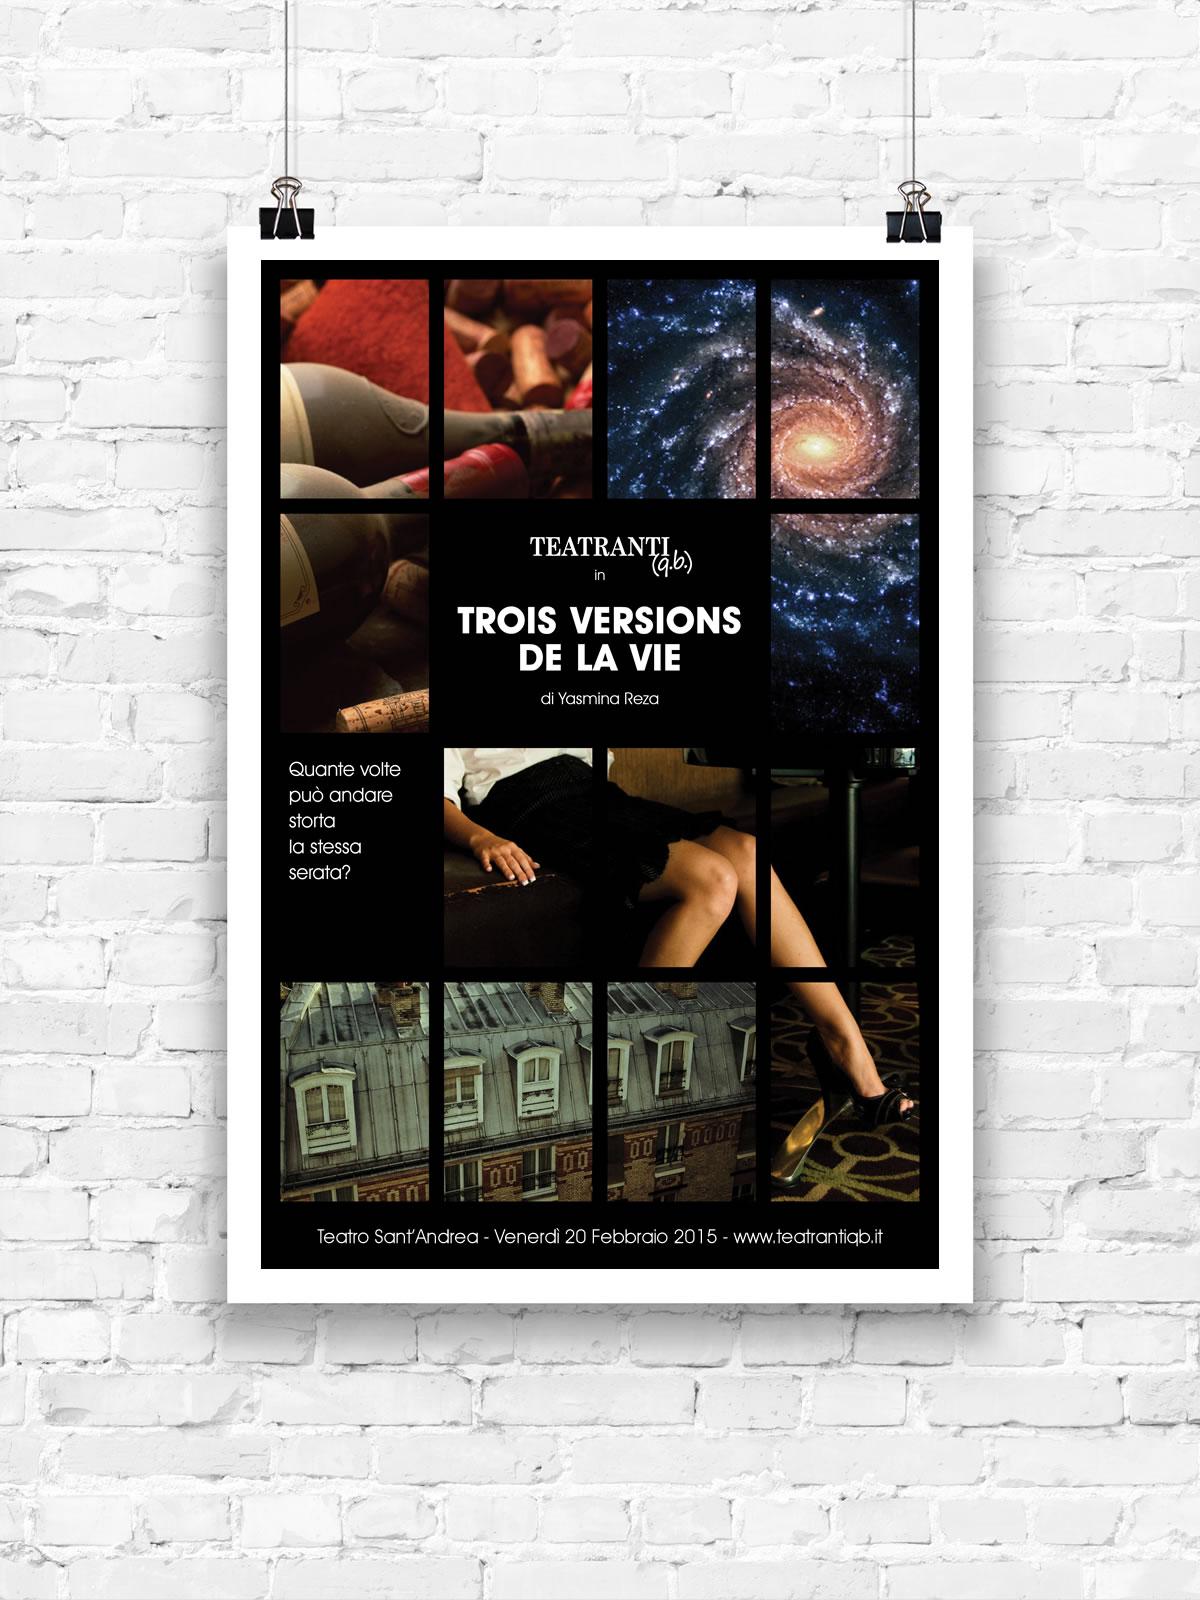 Trois versions de la vie - poster